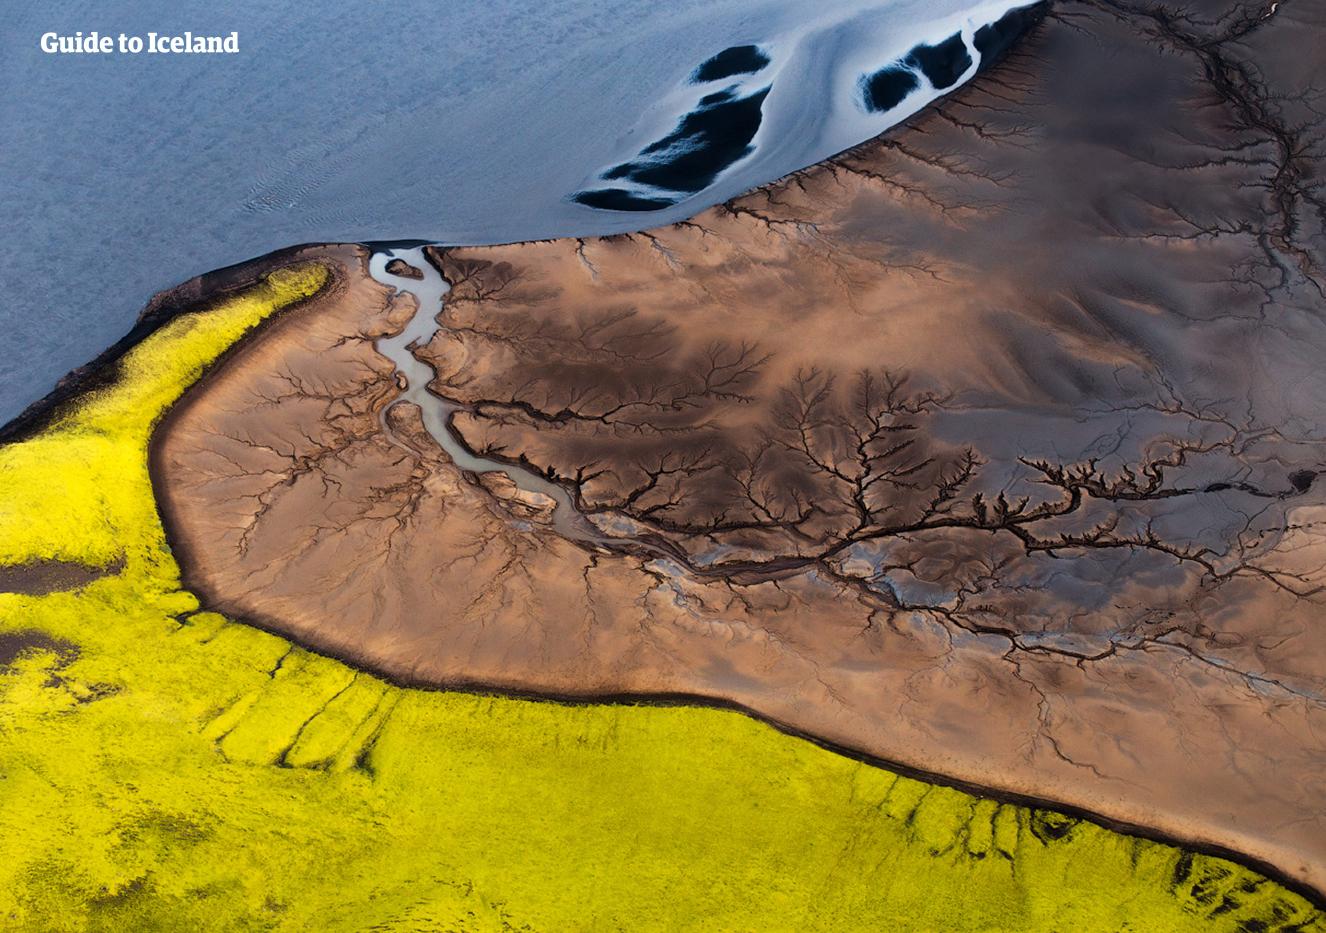 在冰岛兰德曼纳劳卡内陆高地地区感受徒步的乐趣,欣赏群山、熔岩原的壮丽胜景